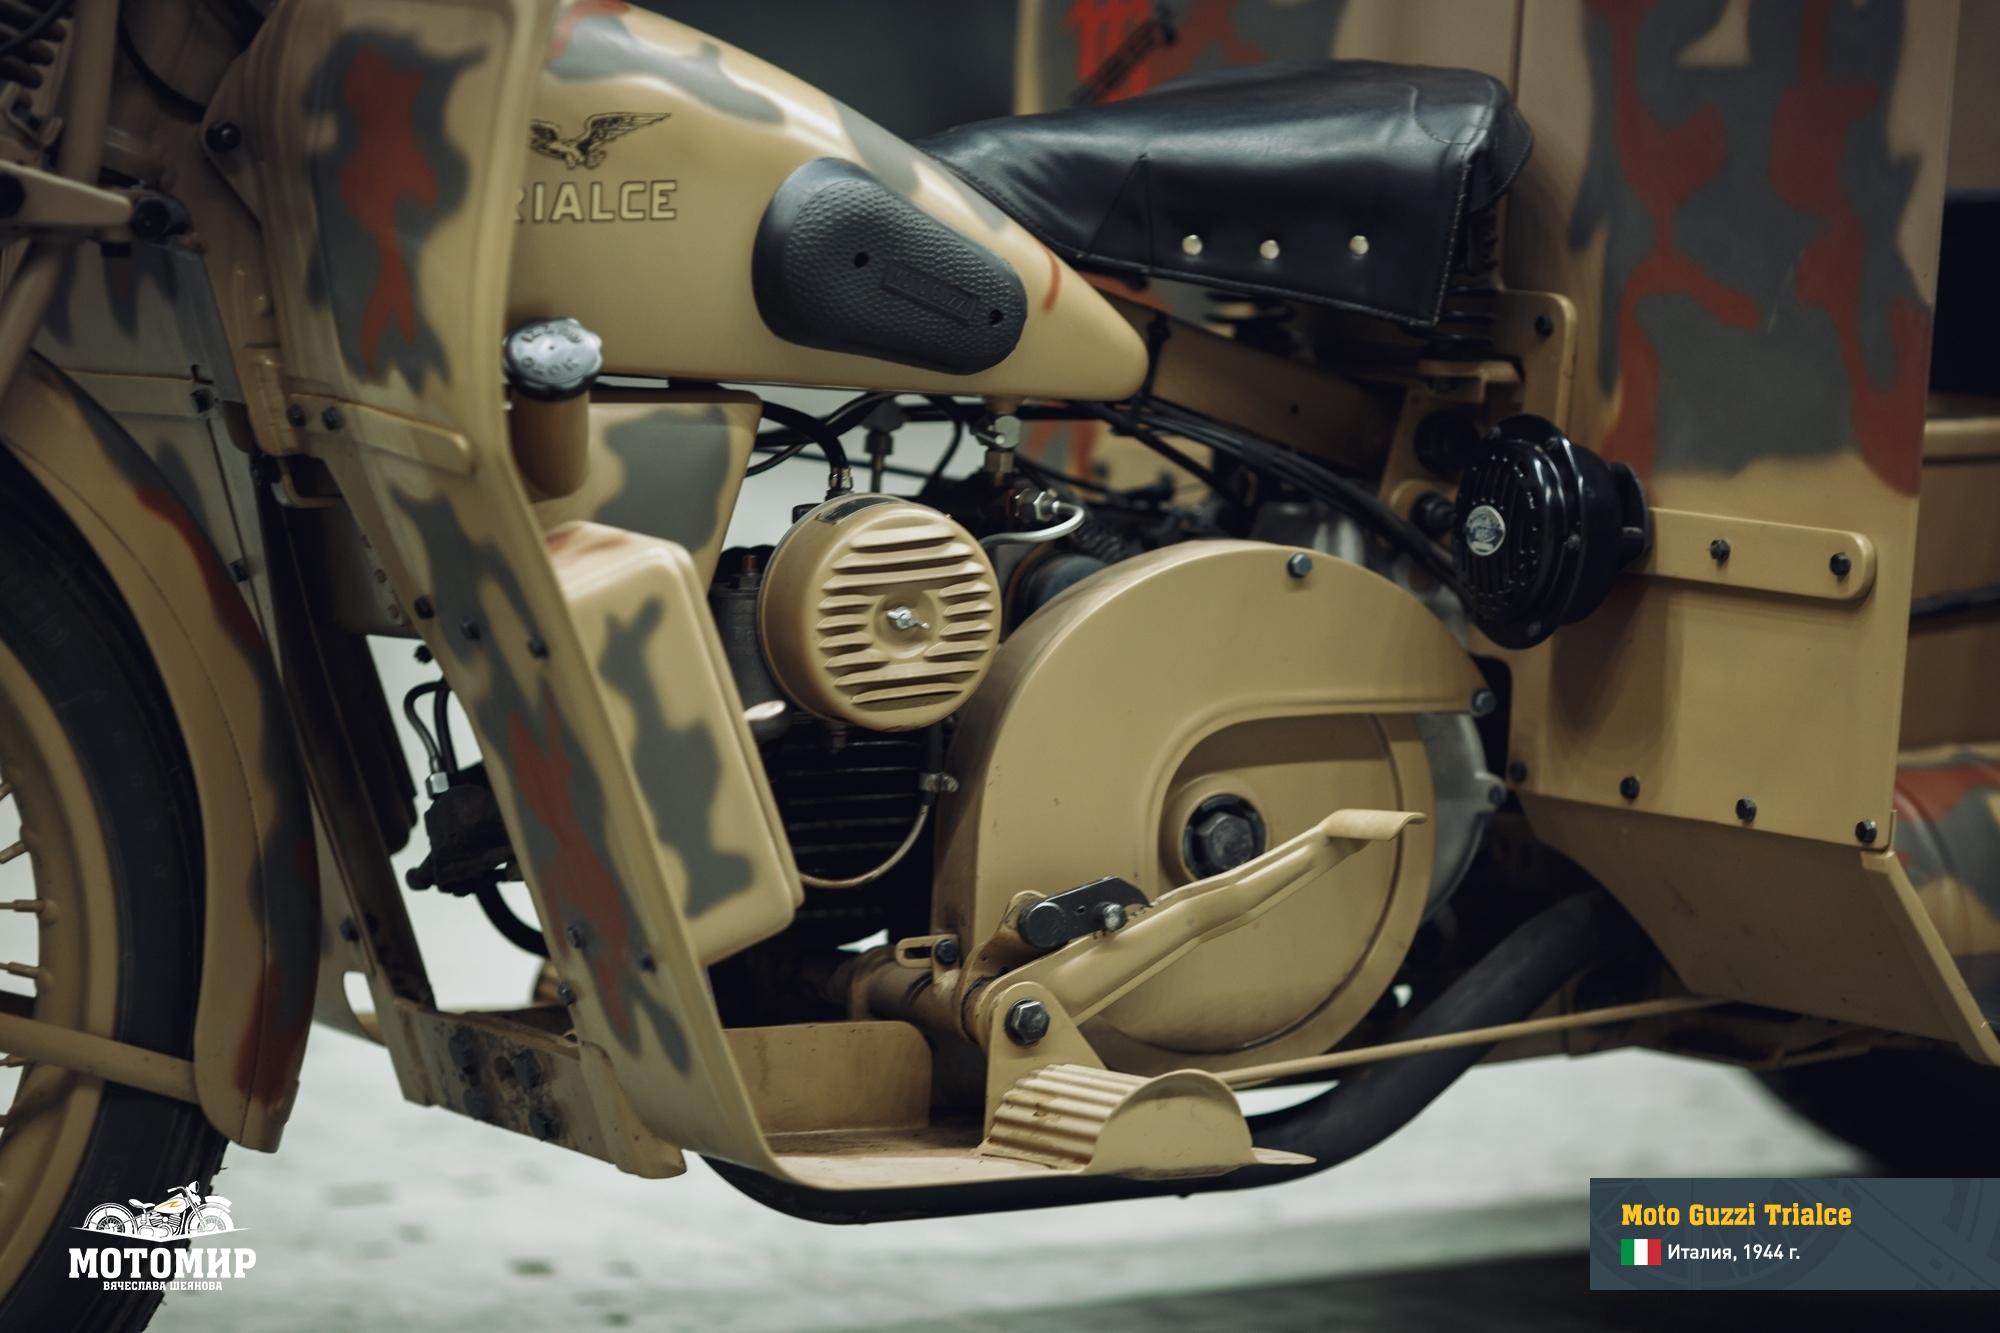 moto-guzzi-trialce-201502-web-19